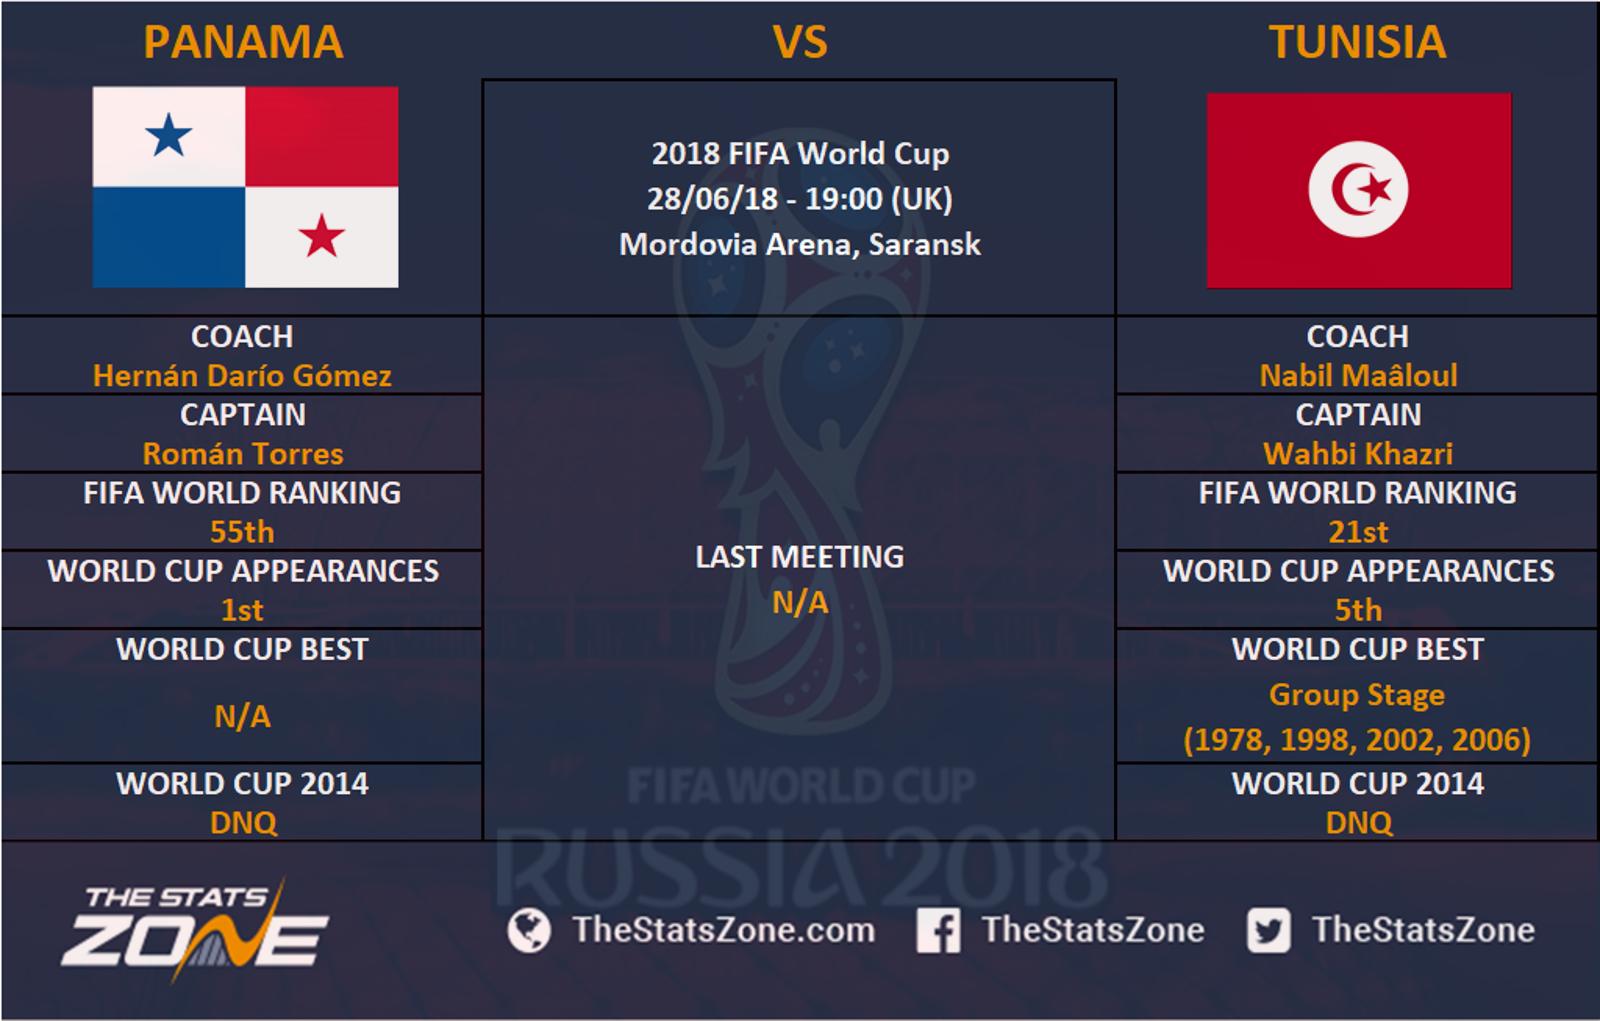 2018 FIFA World Cup – Panama vs Tunisia Preview - The Stats Zone